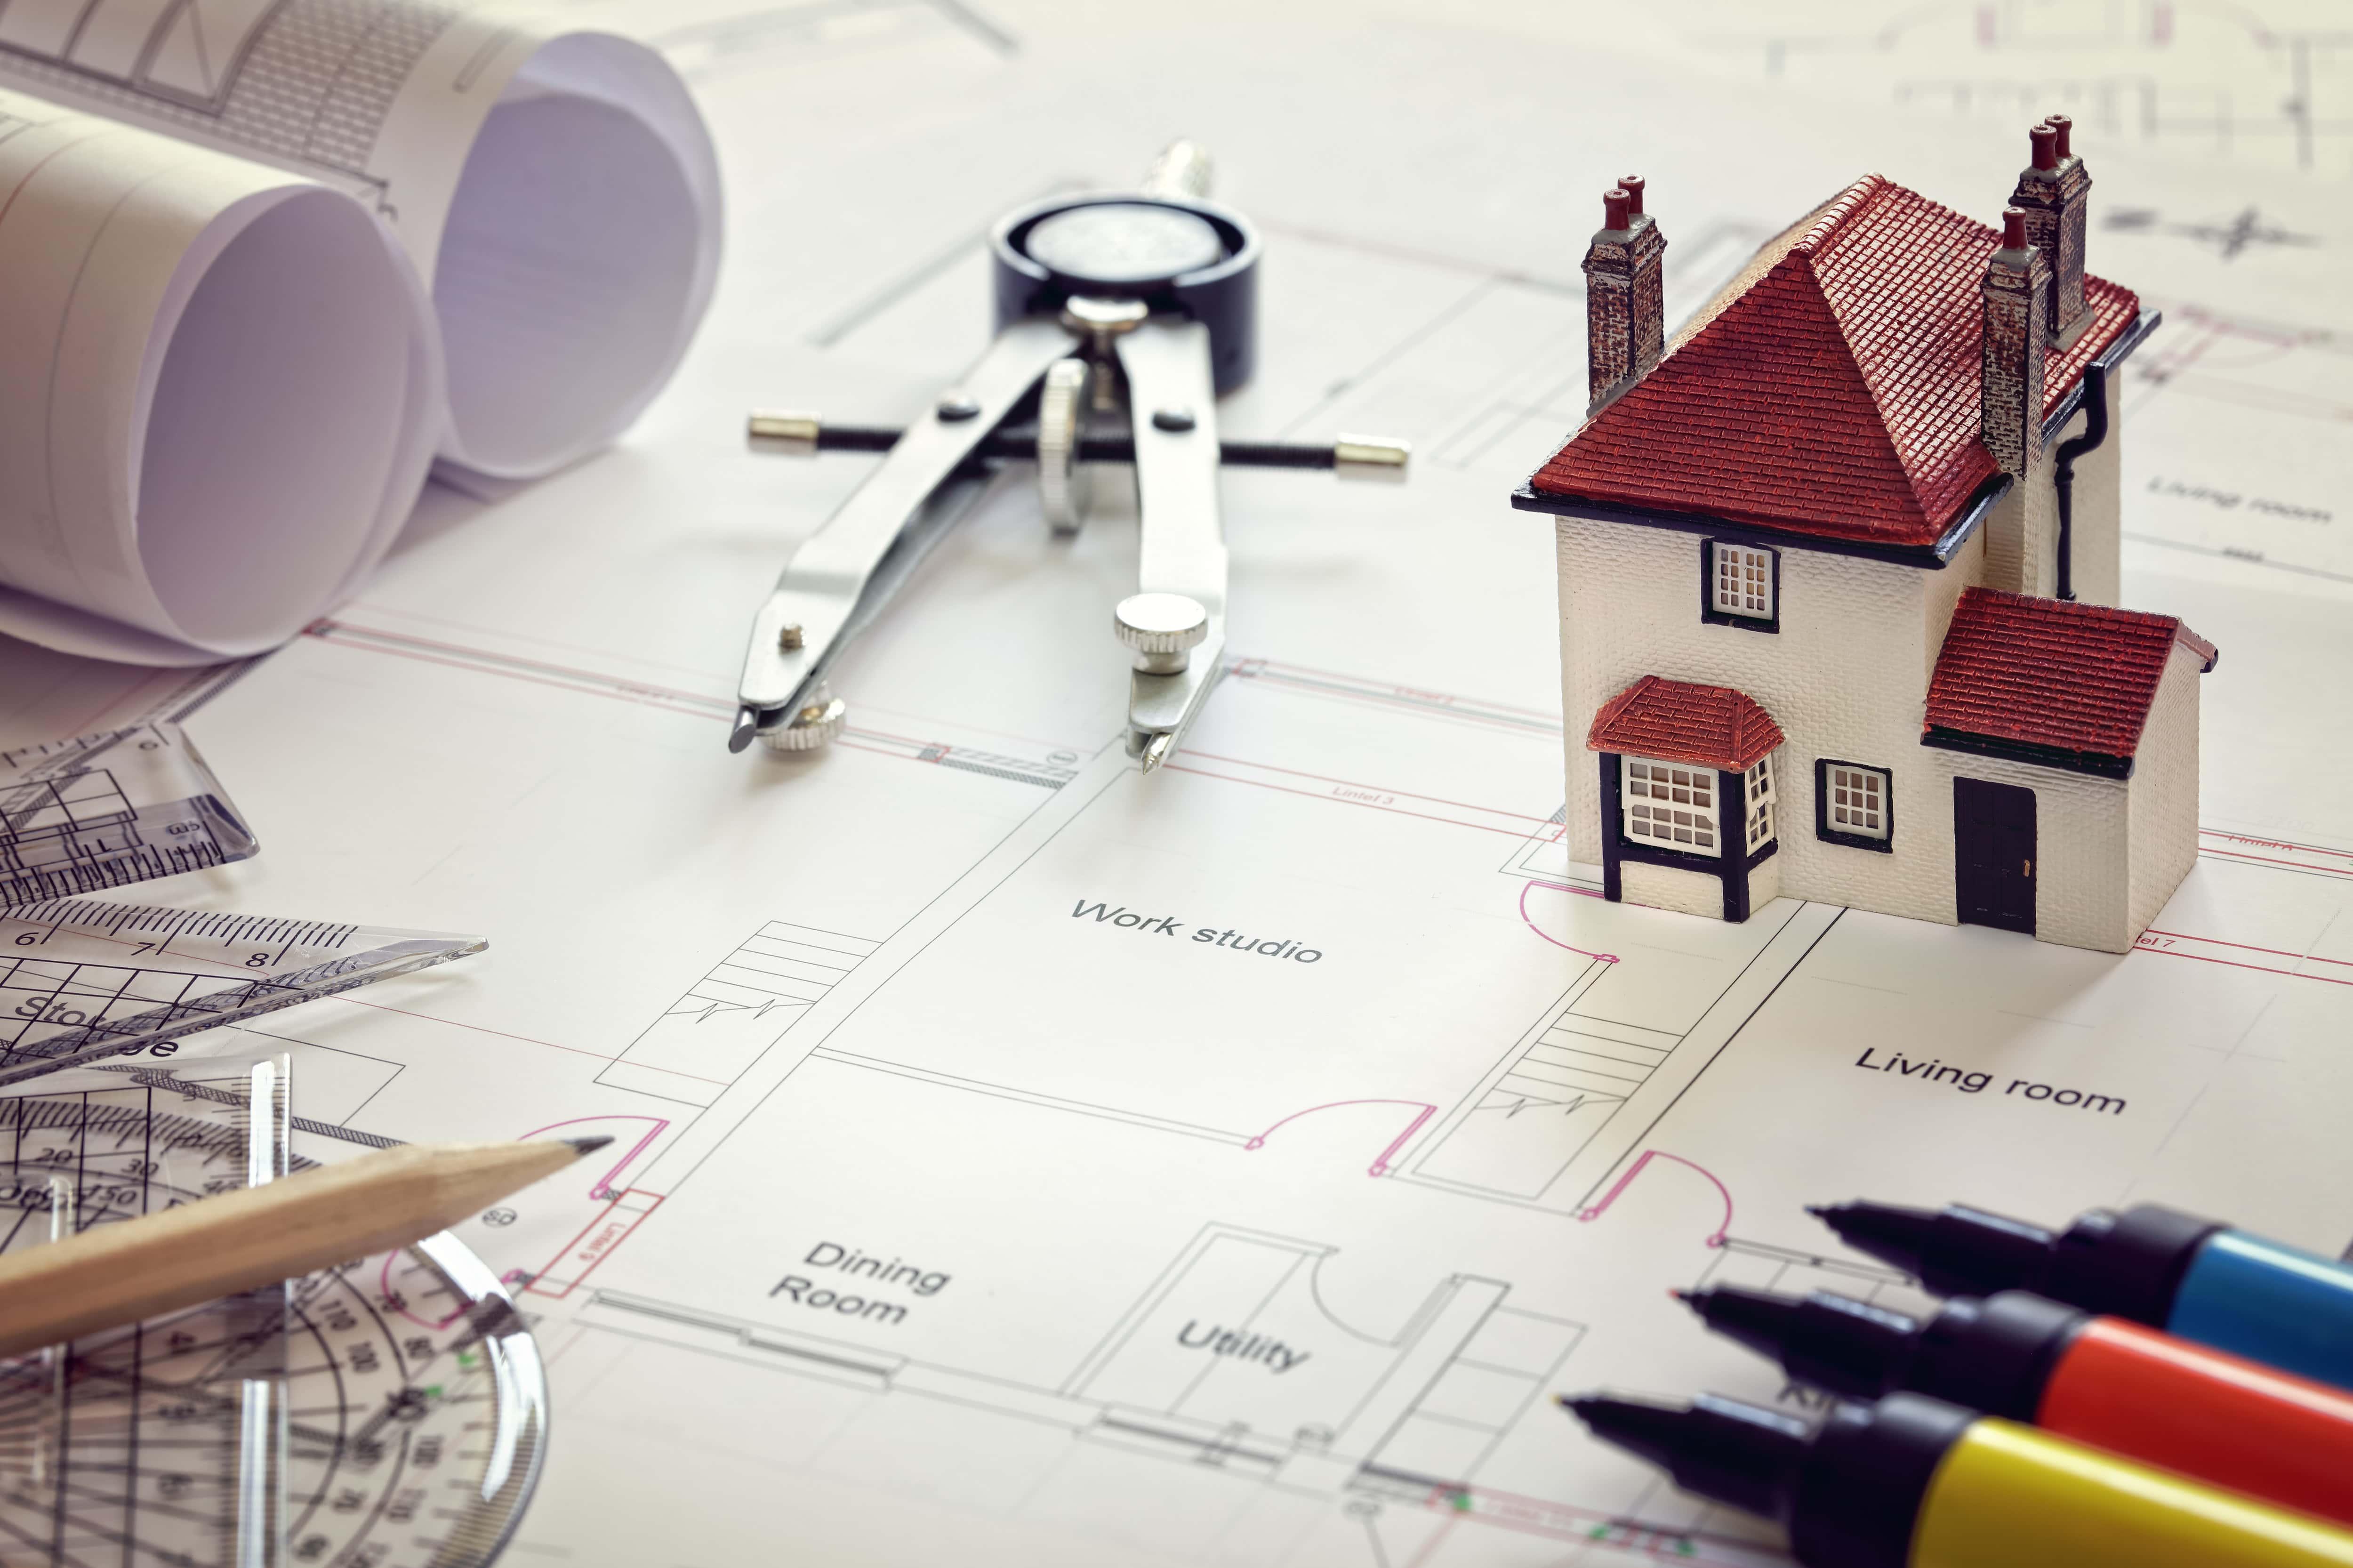 un permis de construire est un dossier à constituer pour obtenir l'autorisation de bâtir